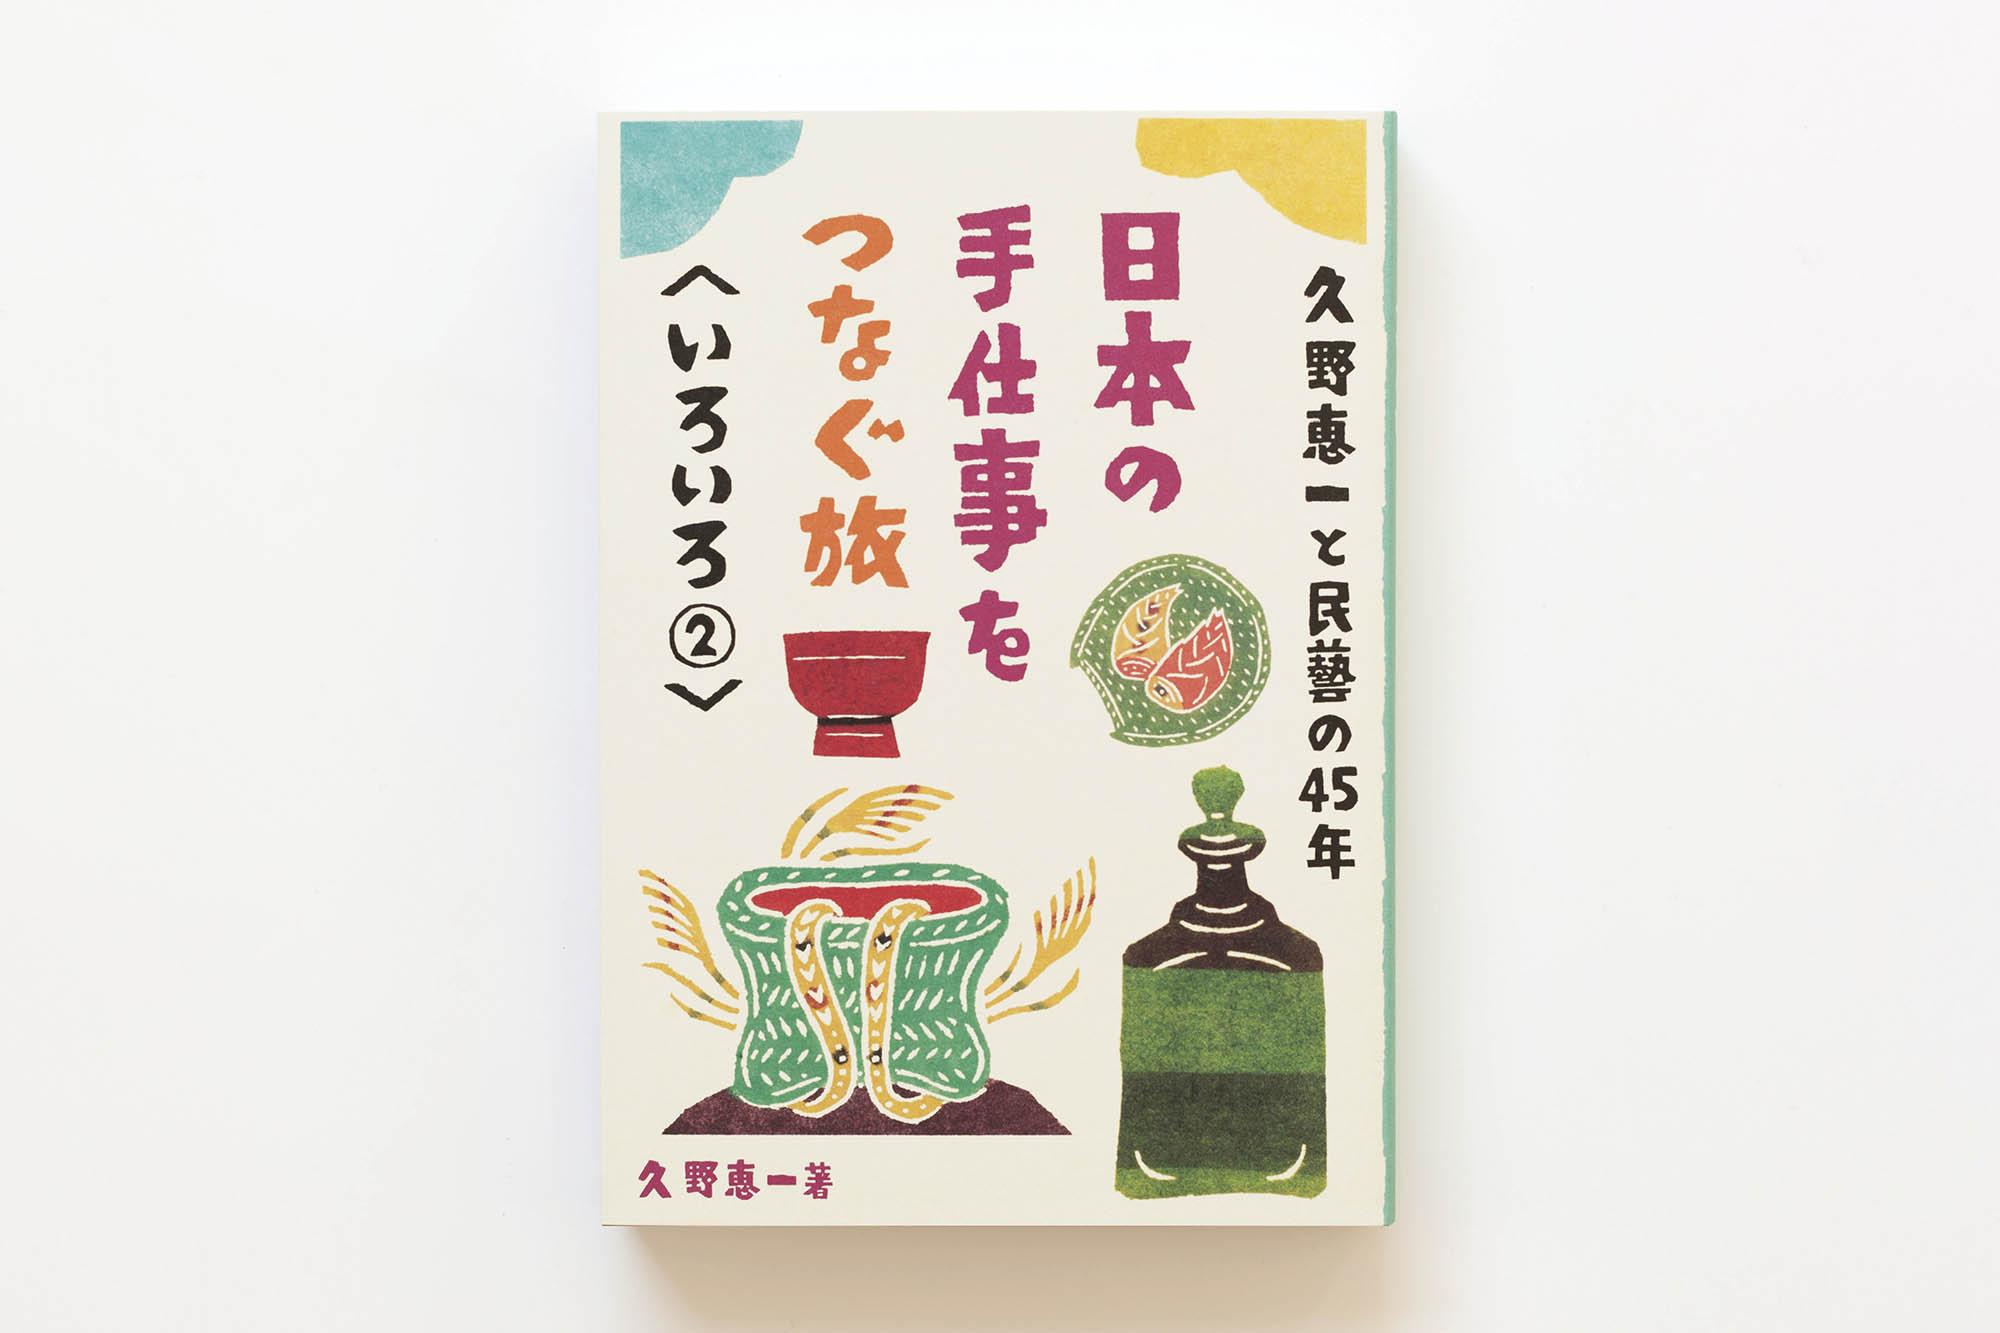 日本の手仕事をつなぐ旅〈いろいろ②〉 カバーデザイン